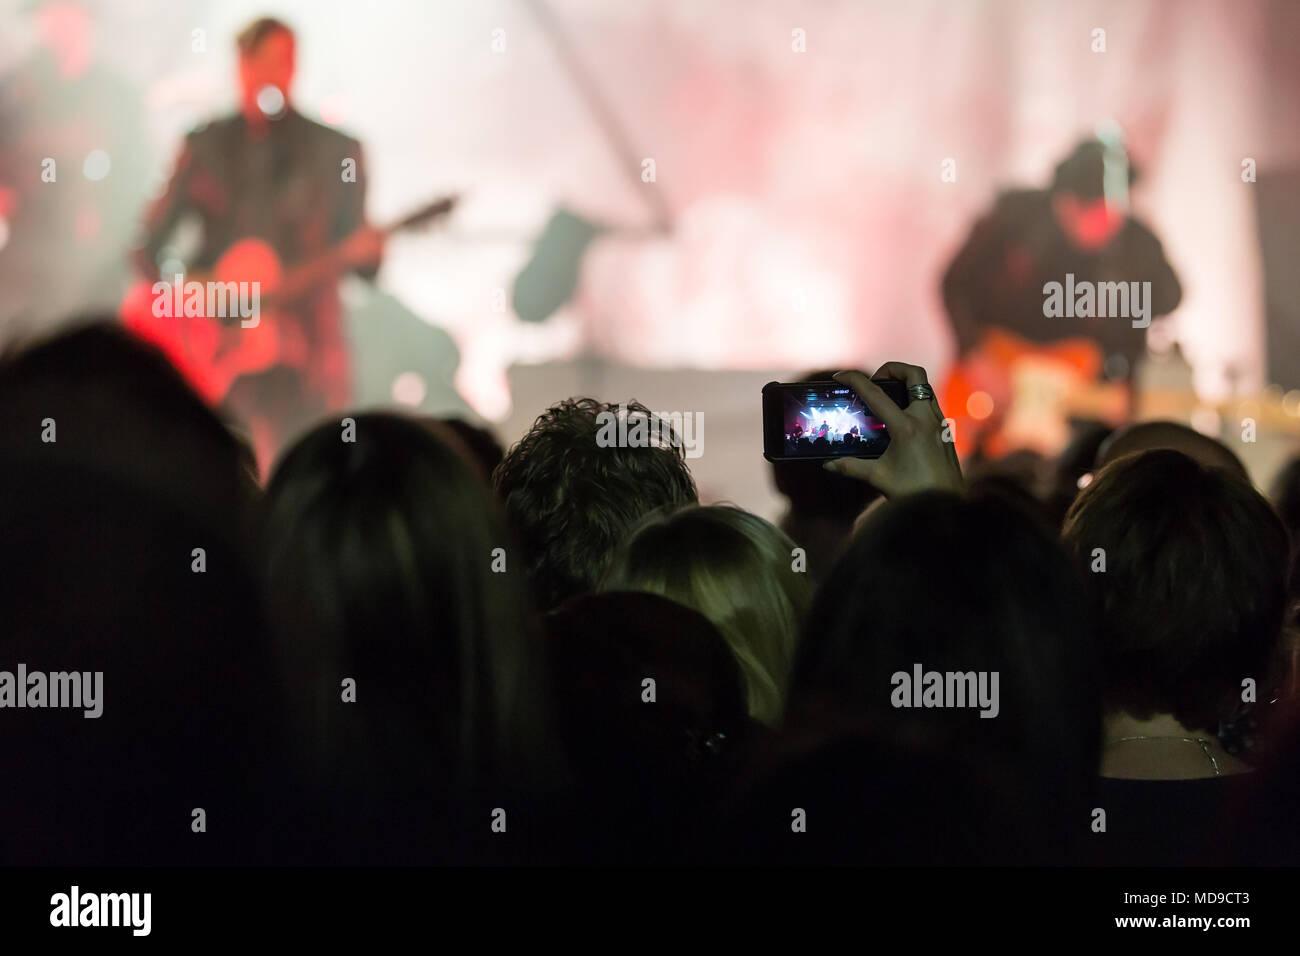 Concertgoer prende una foto con il mio telefono cellulare al concerto della banda musicale svizzera 77 Bombay Street live at Schüür Lucerna, Svizzera Immagini Stock